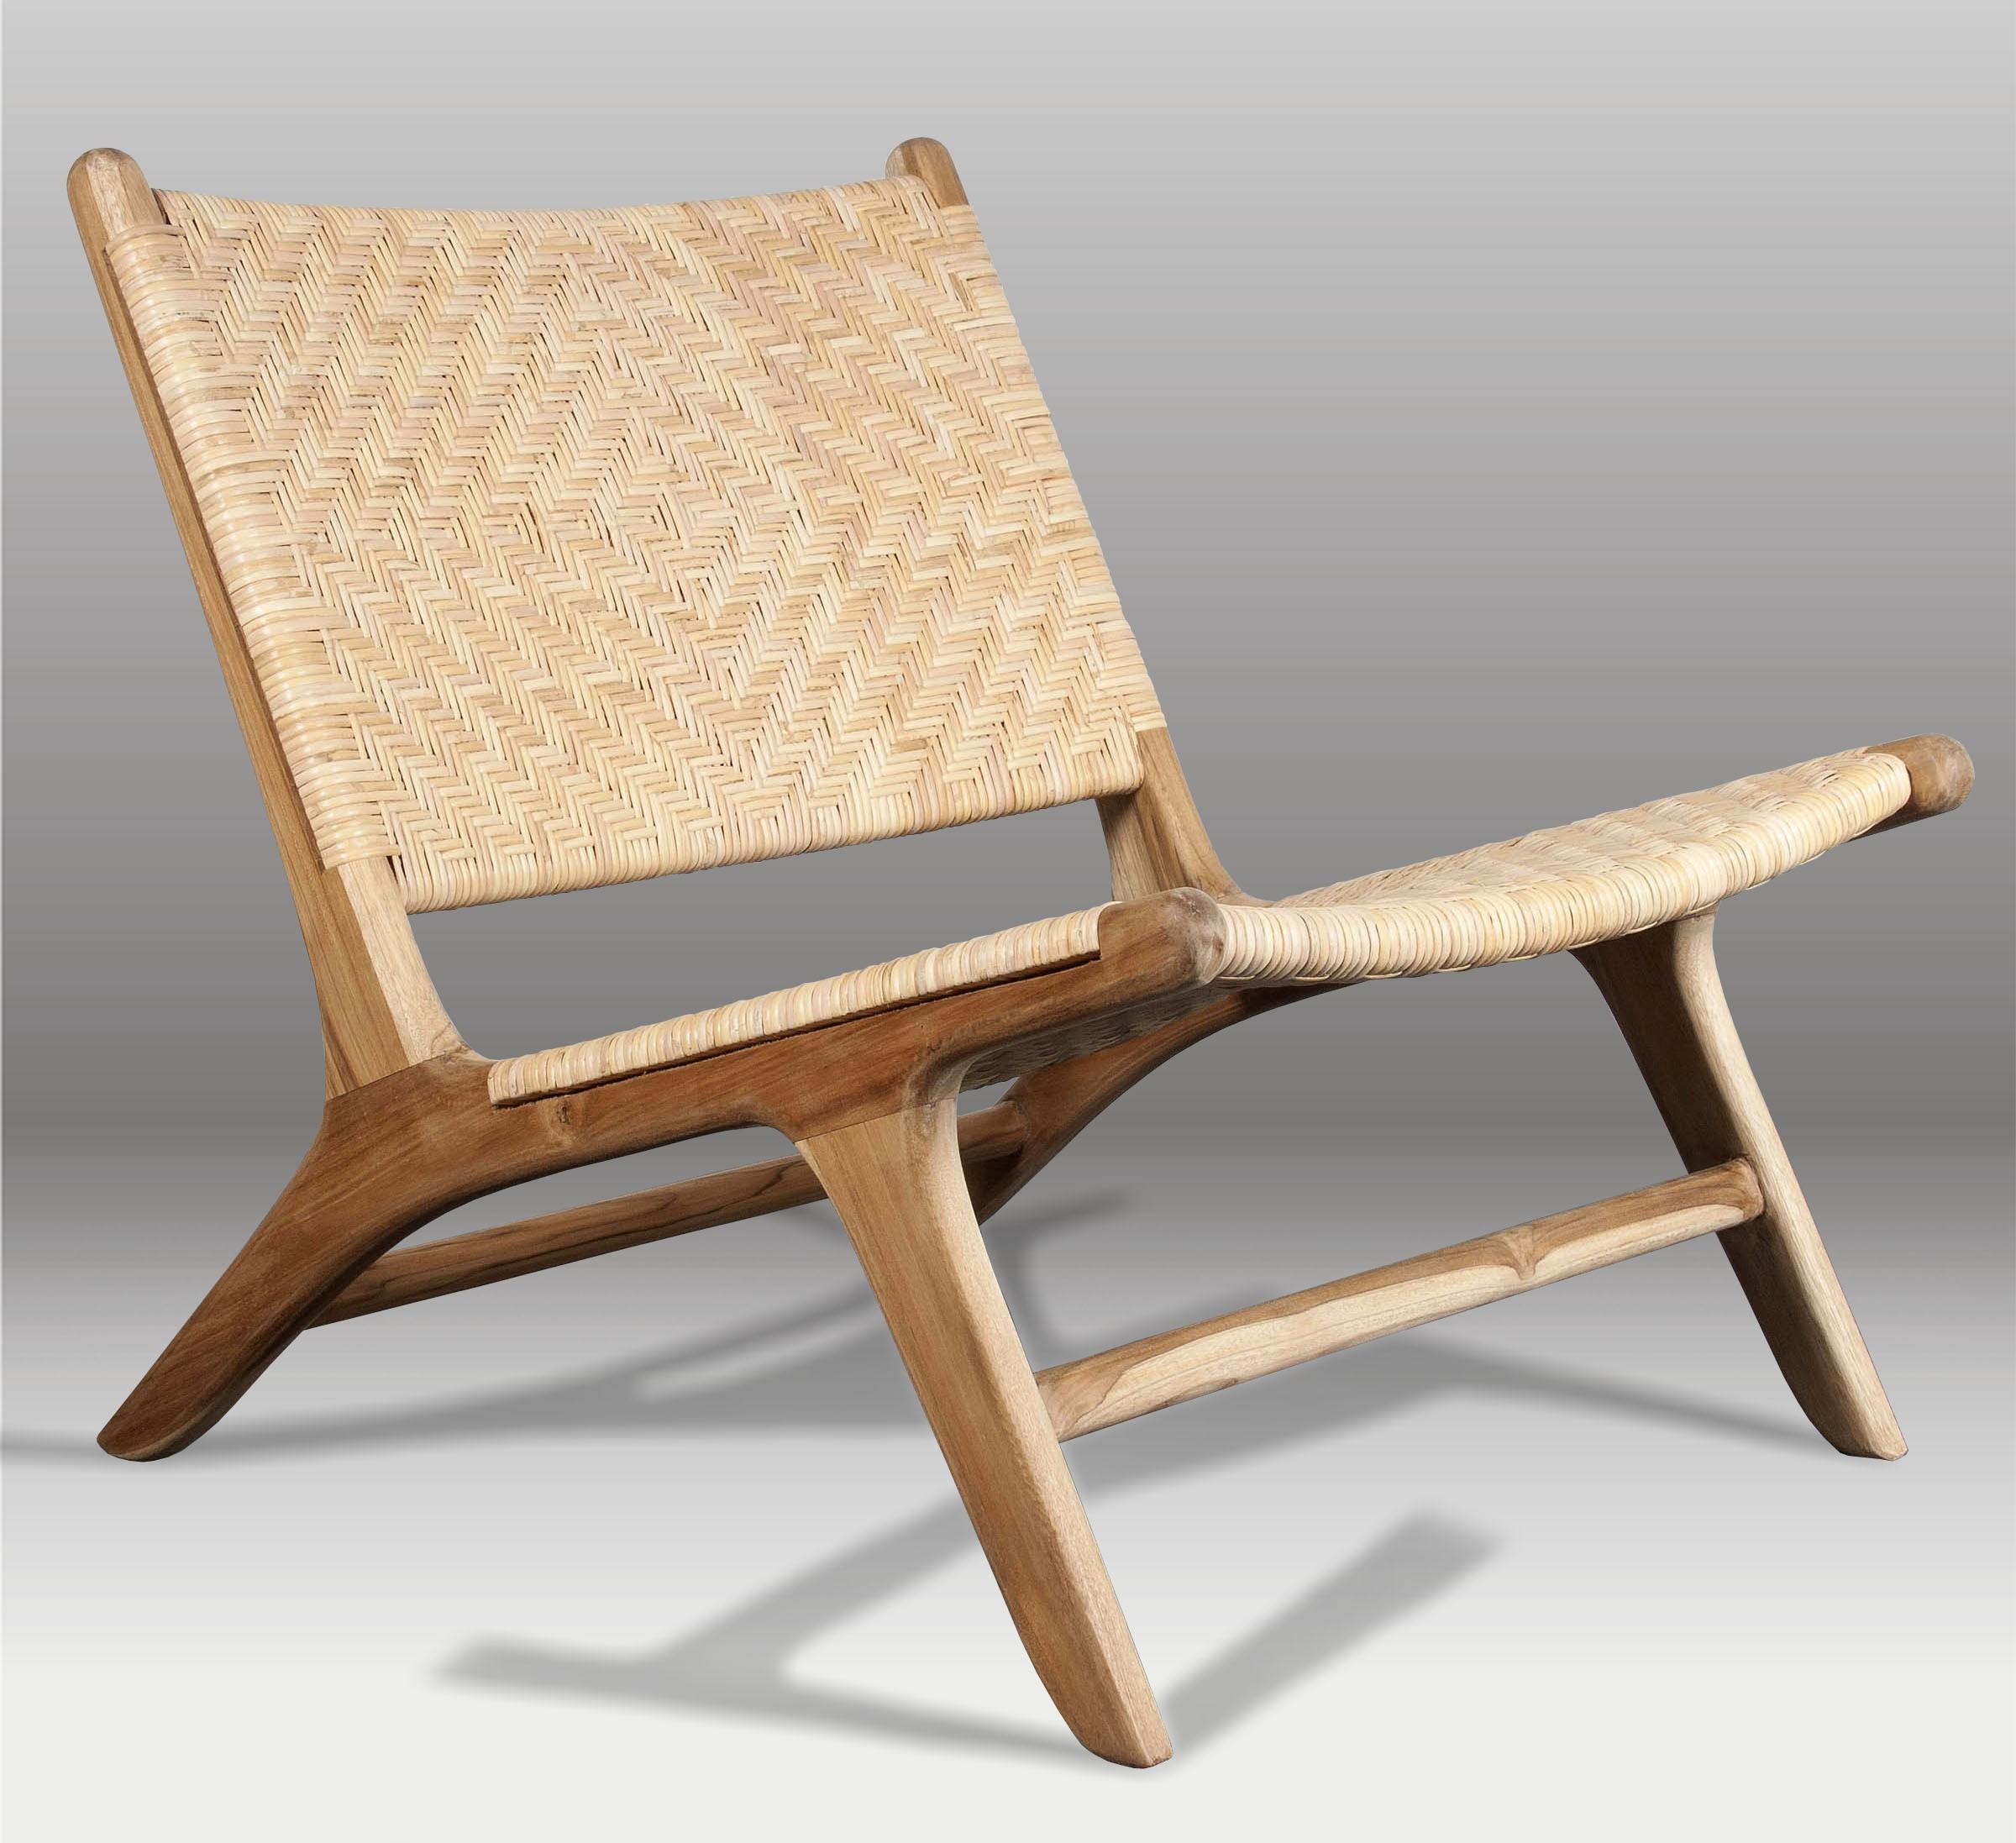 Butaca y butaca de madera batavia for Butacas para barras en madera